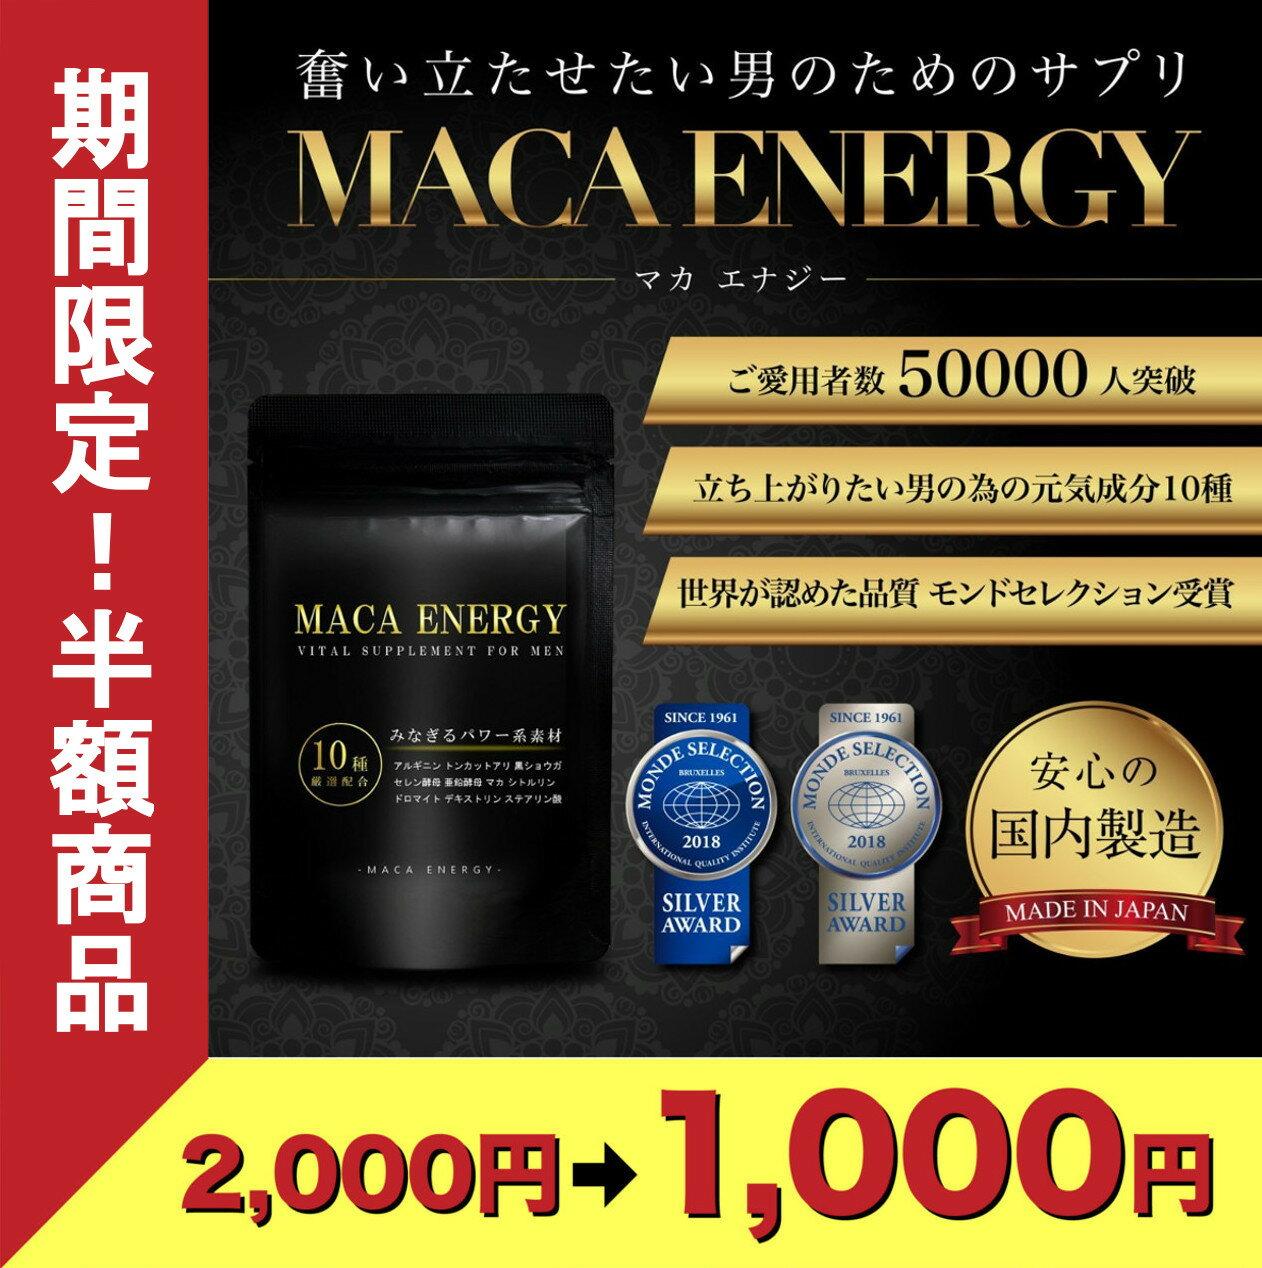 送料無料 MACA ENERGY マカ 亜鉛 サプリ マカ クラチャイダム アルギニン シトルリン 亜鉛 全10種類 30日分 ※精力剤ではなくサプリ